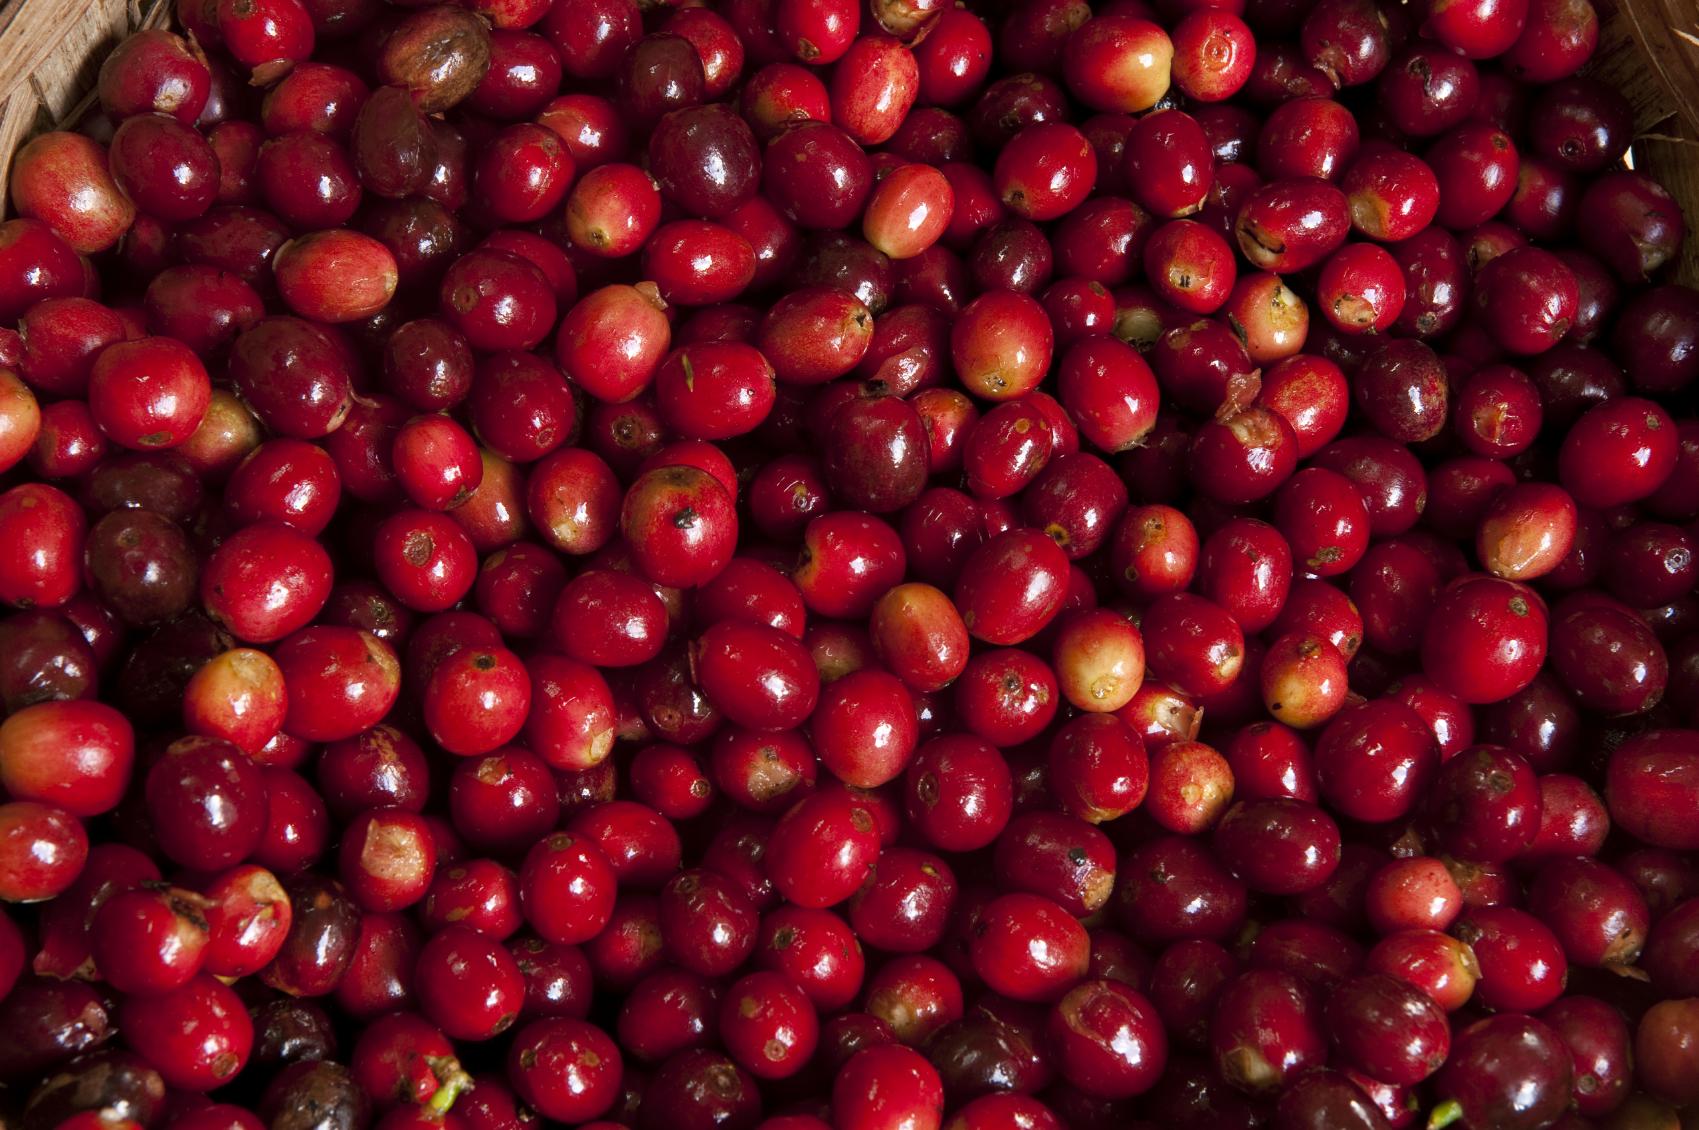 Ripened coffee cherries